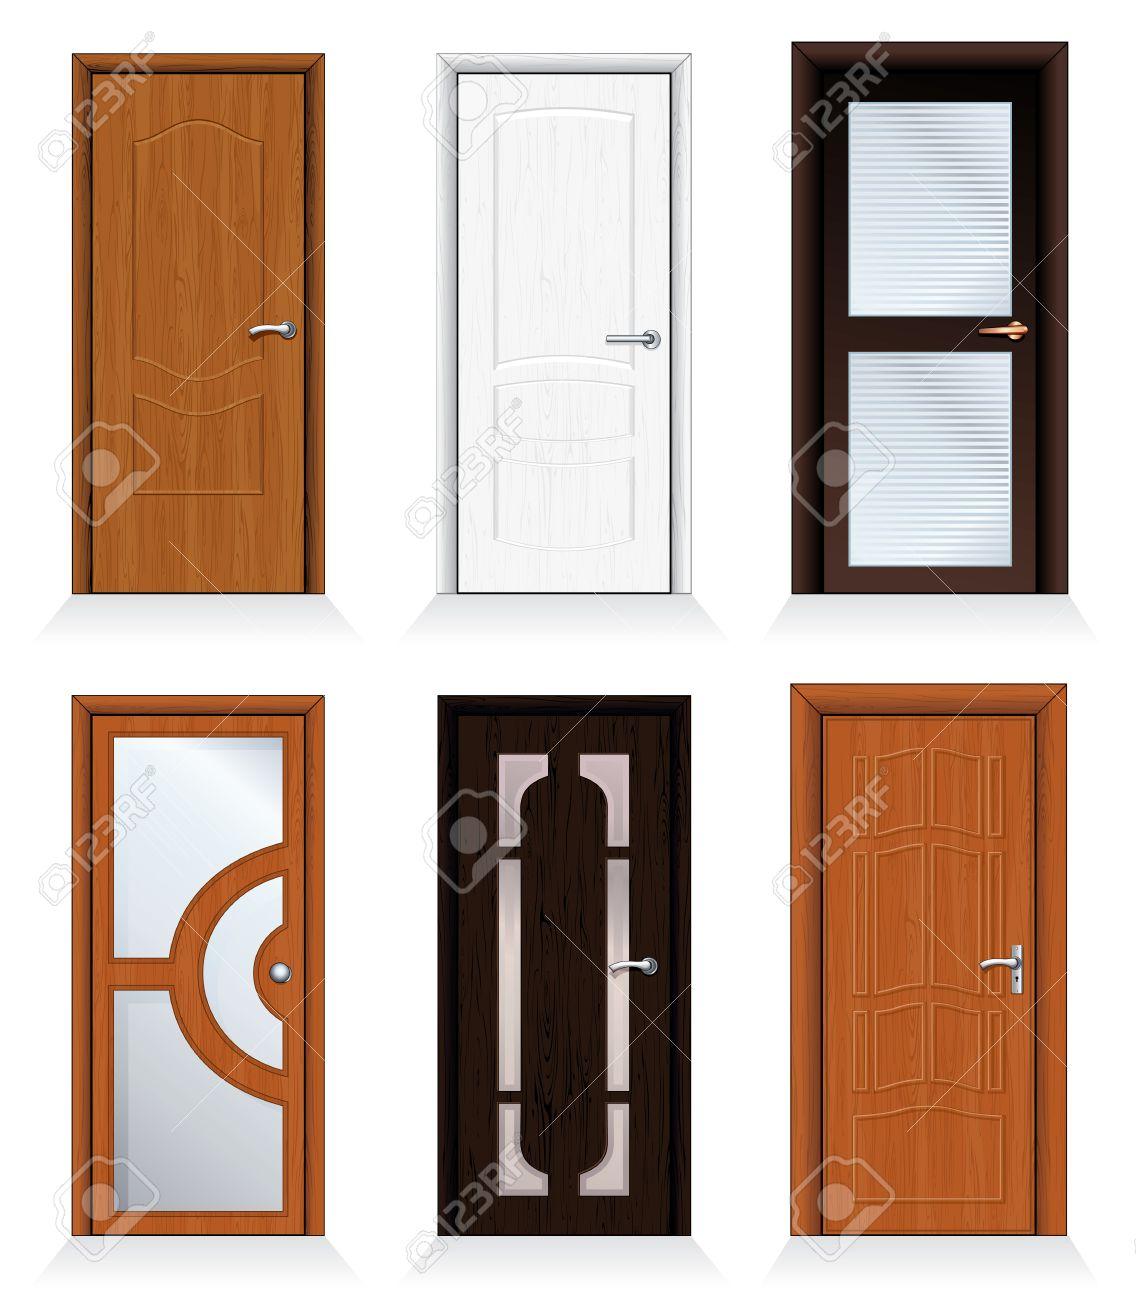 Interior Clasico Y Puertas De Madera Frontales Detallada Coleccion Realista Para Su Diseno